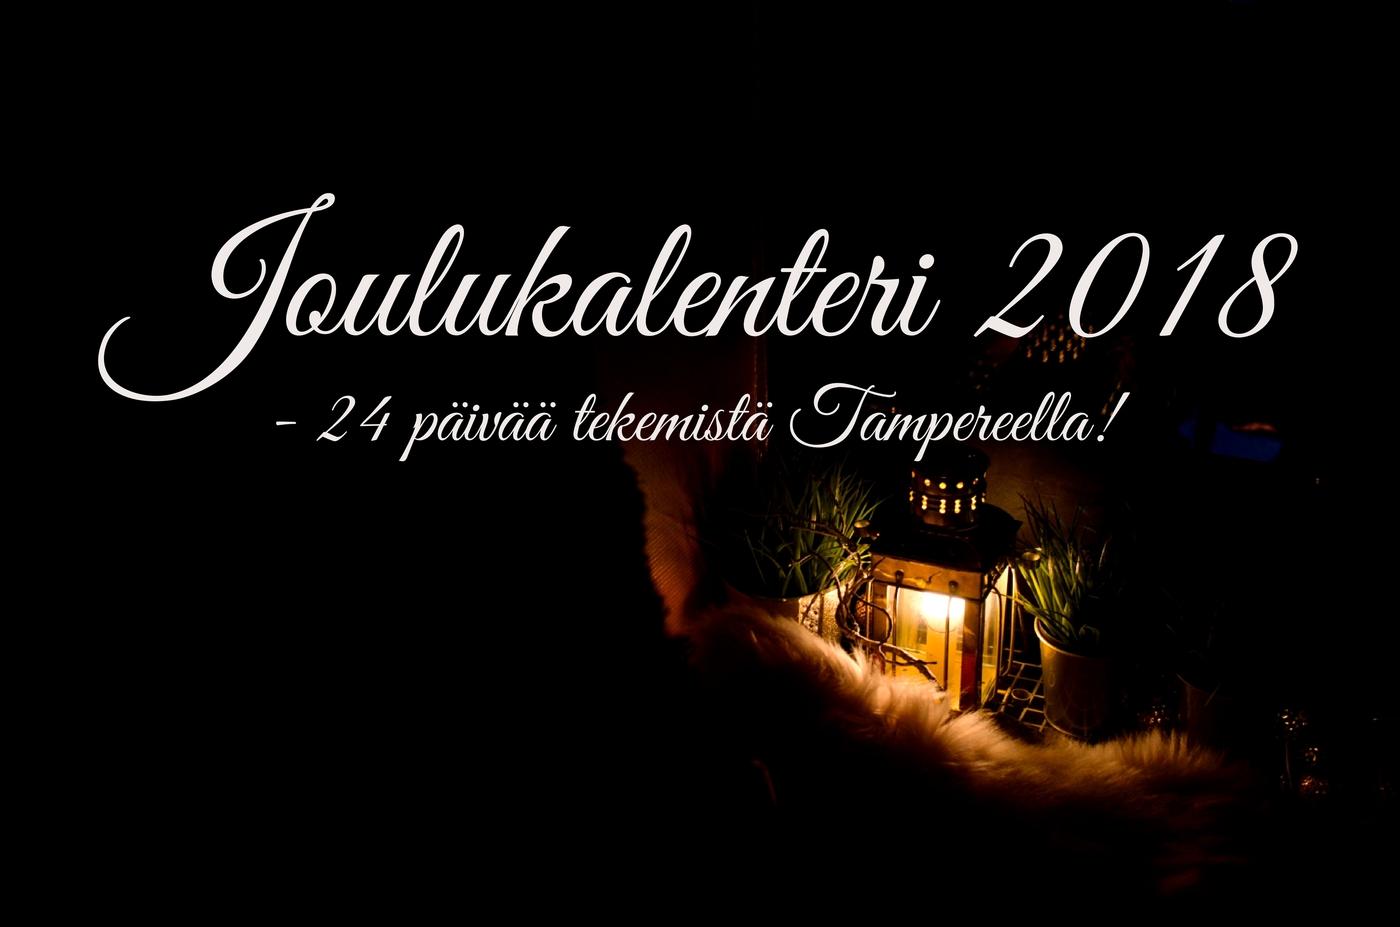 Joulukalenteri – 24 päivää tekemistä Tampereella!